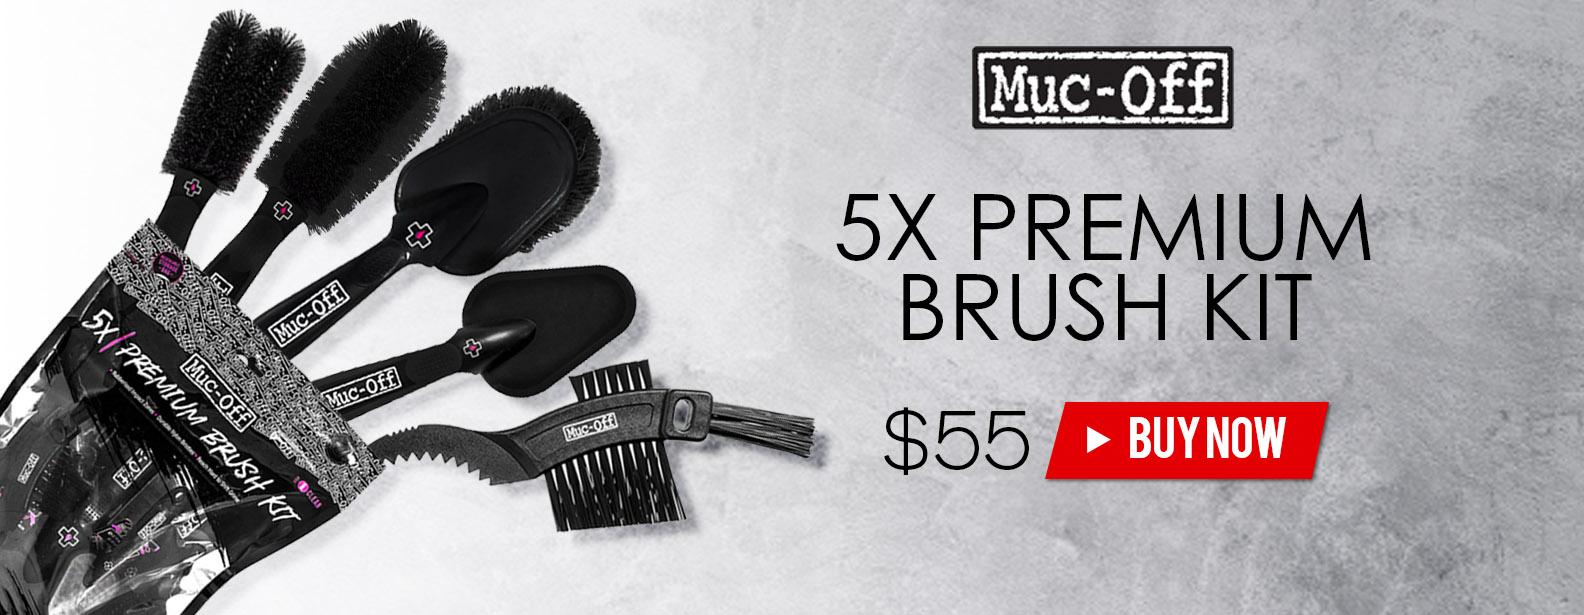 Muc-Off 5x Premium Brush Kit